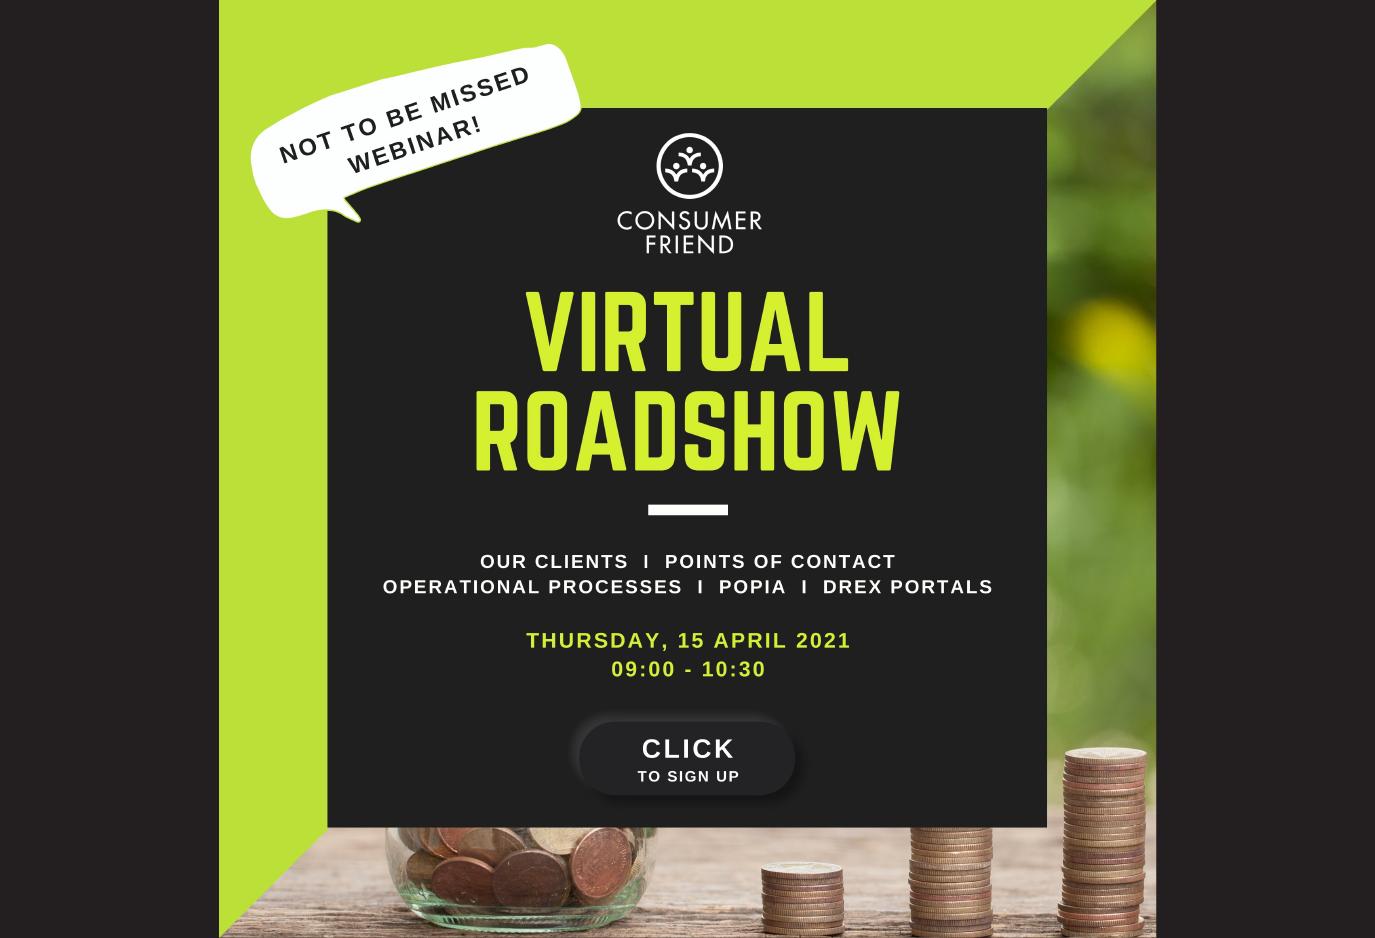 Consumer Friend Virtual Roadshow